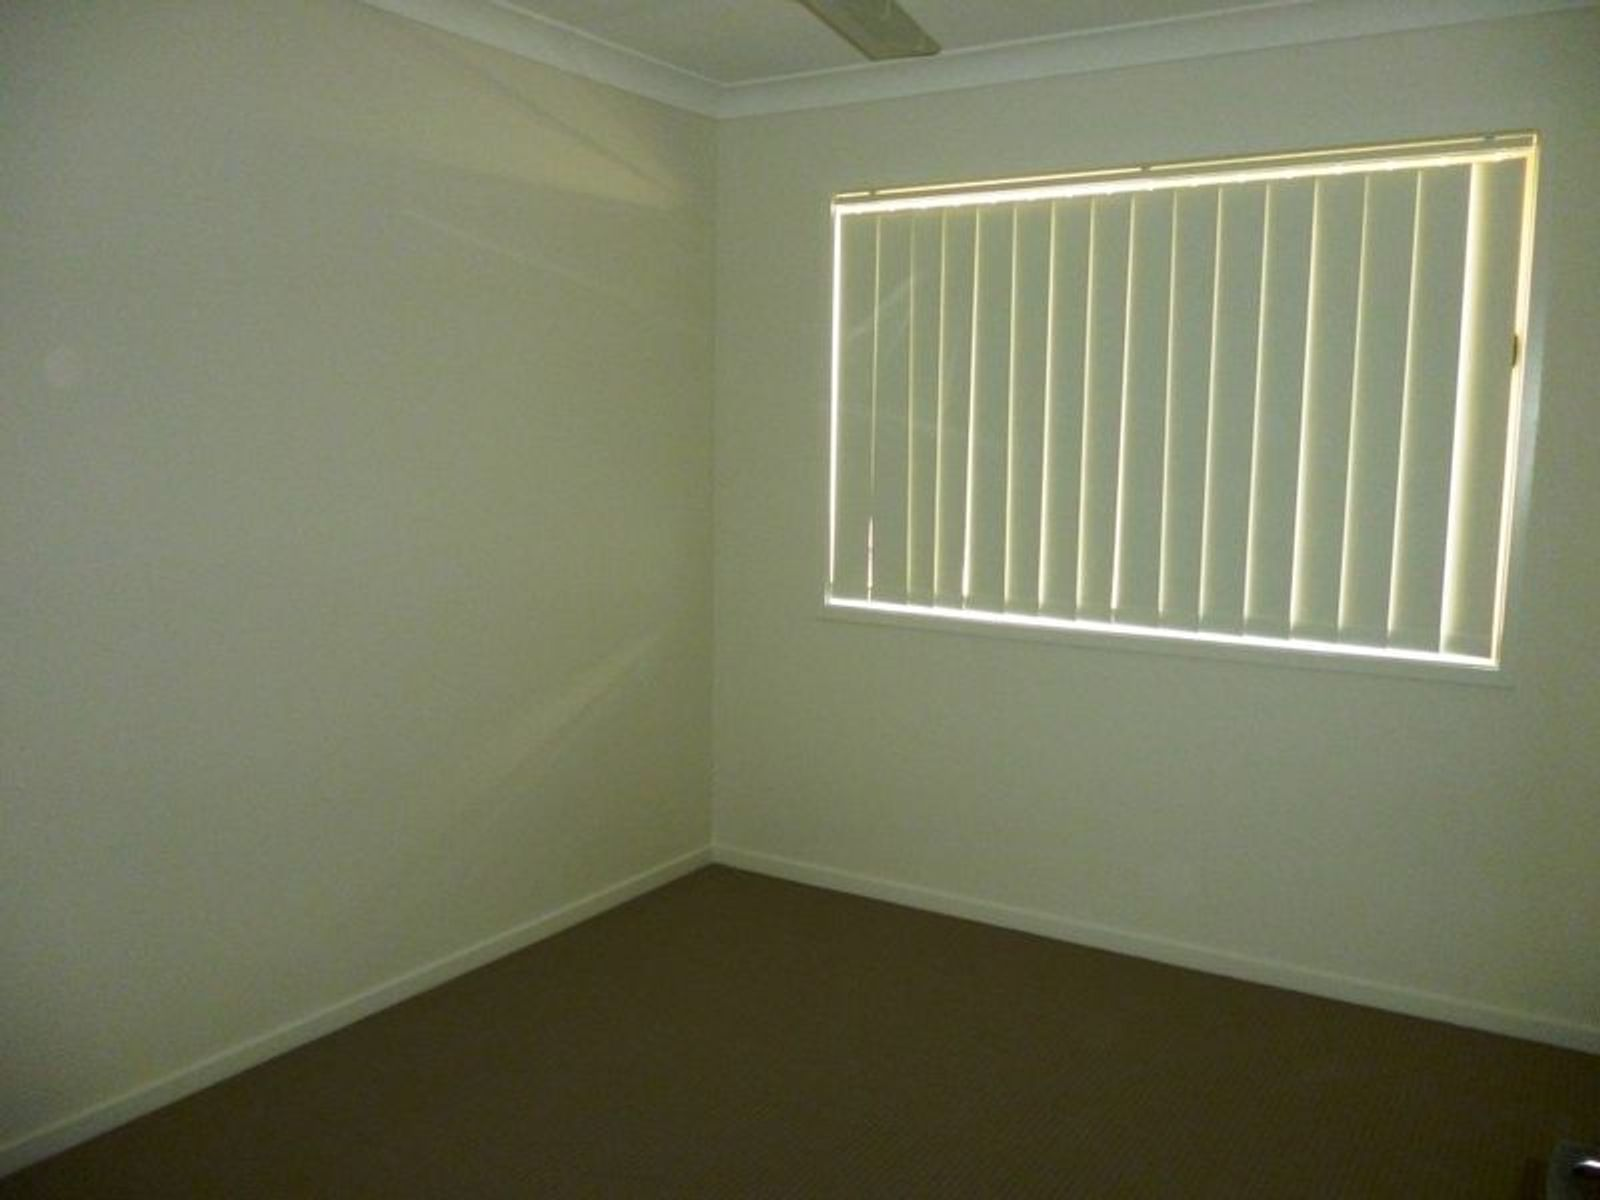 2/6 Balonne Street, Brassall, QLD 4305